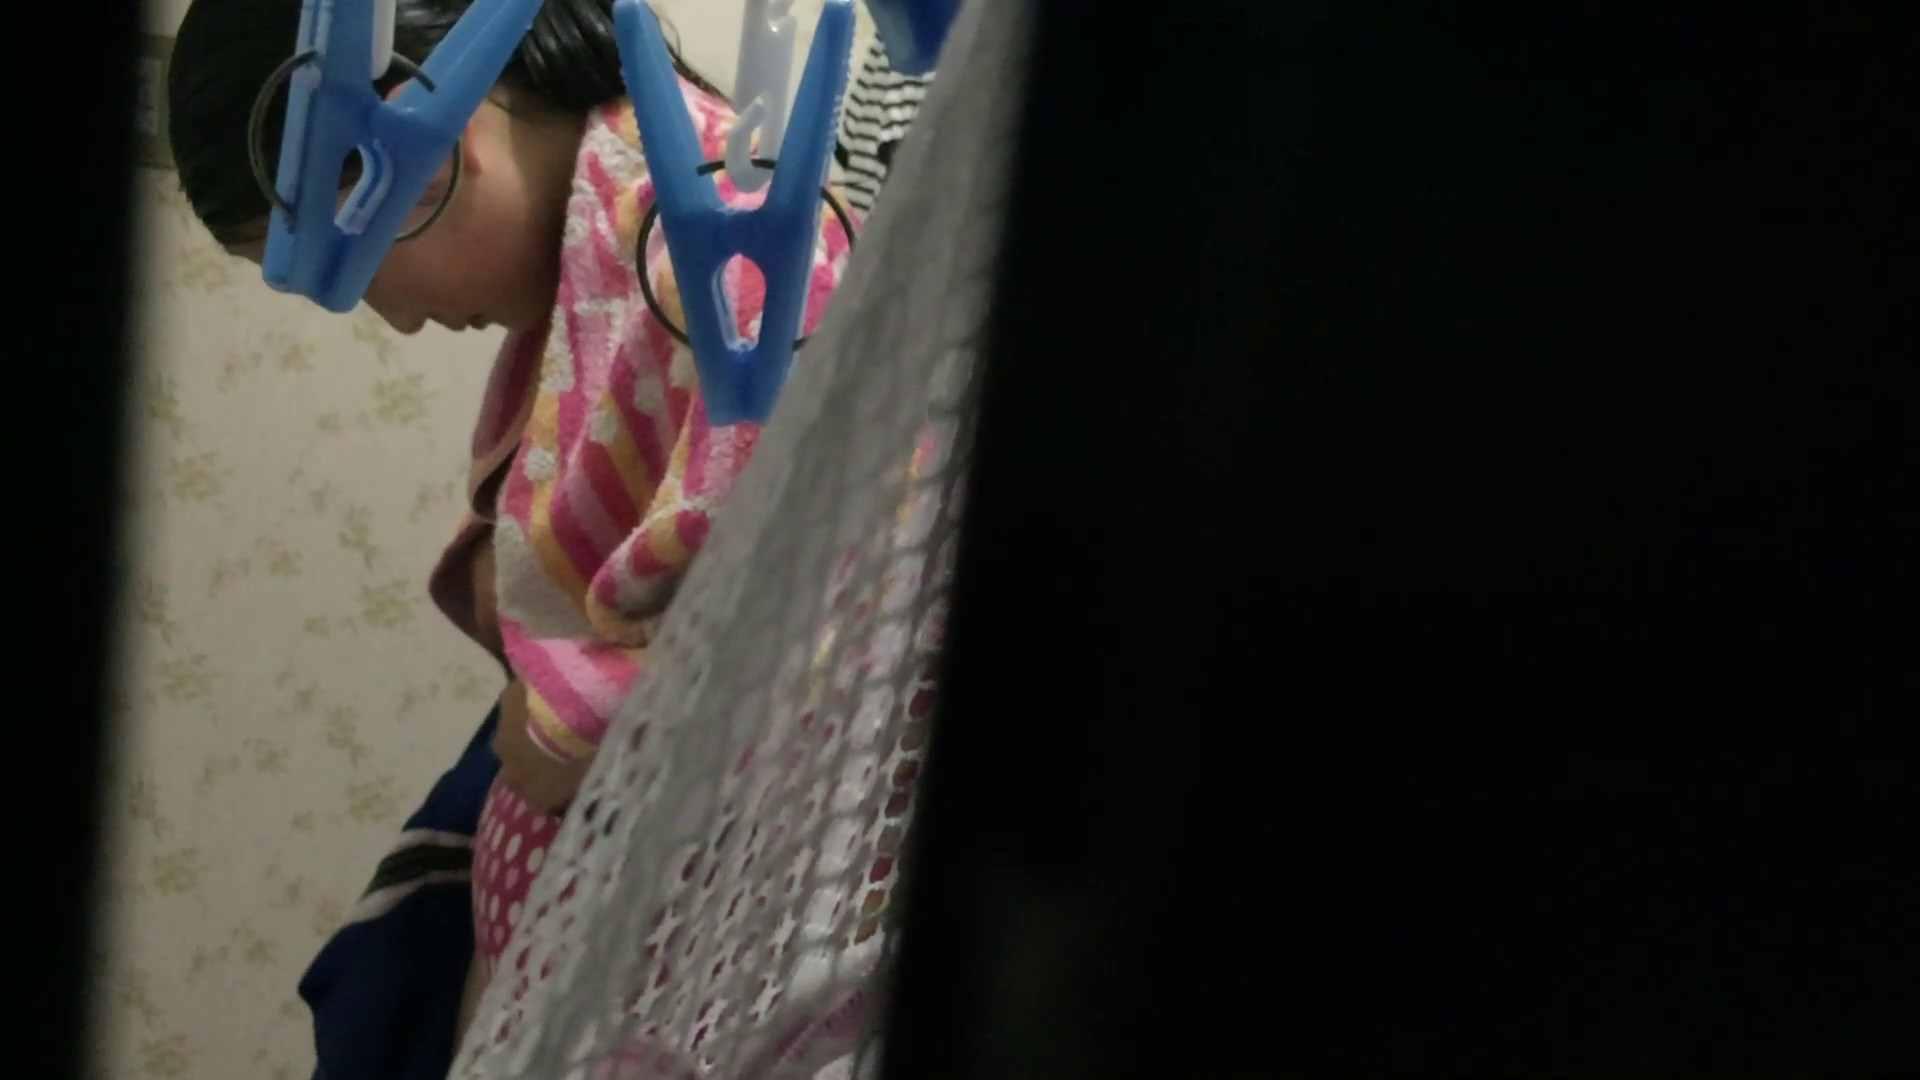 【19位 2016】リアルインパクト盗撮~入浴編 Vol.13 萌える注の入浴 高評価 オマンコ無修正動画無料 106枚 17